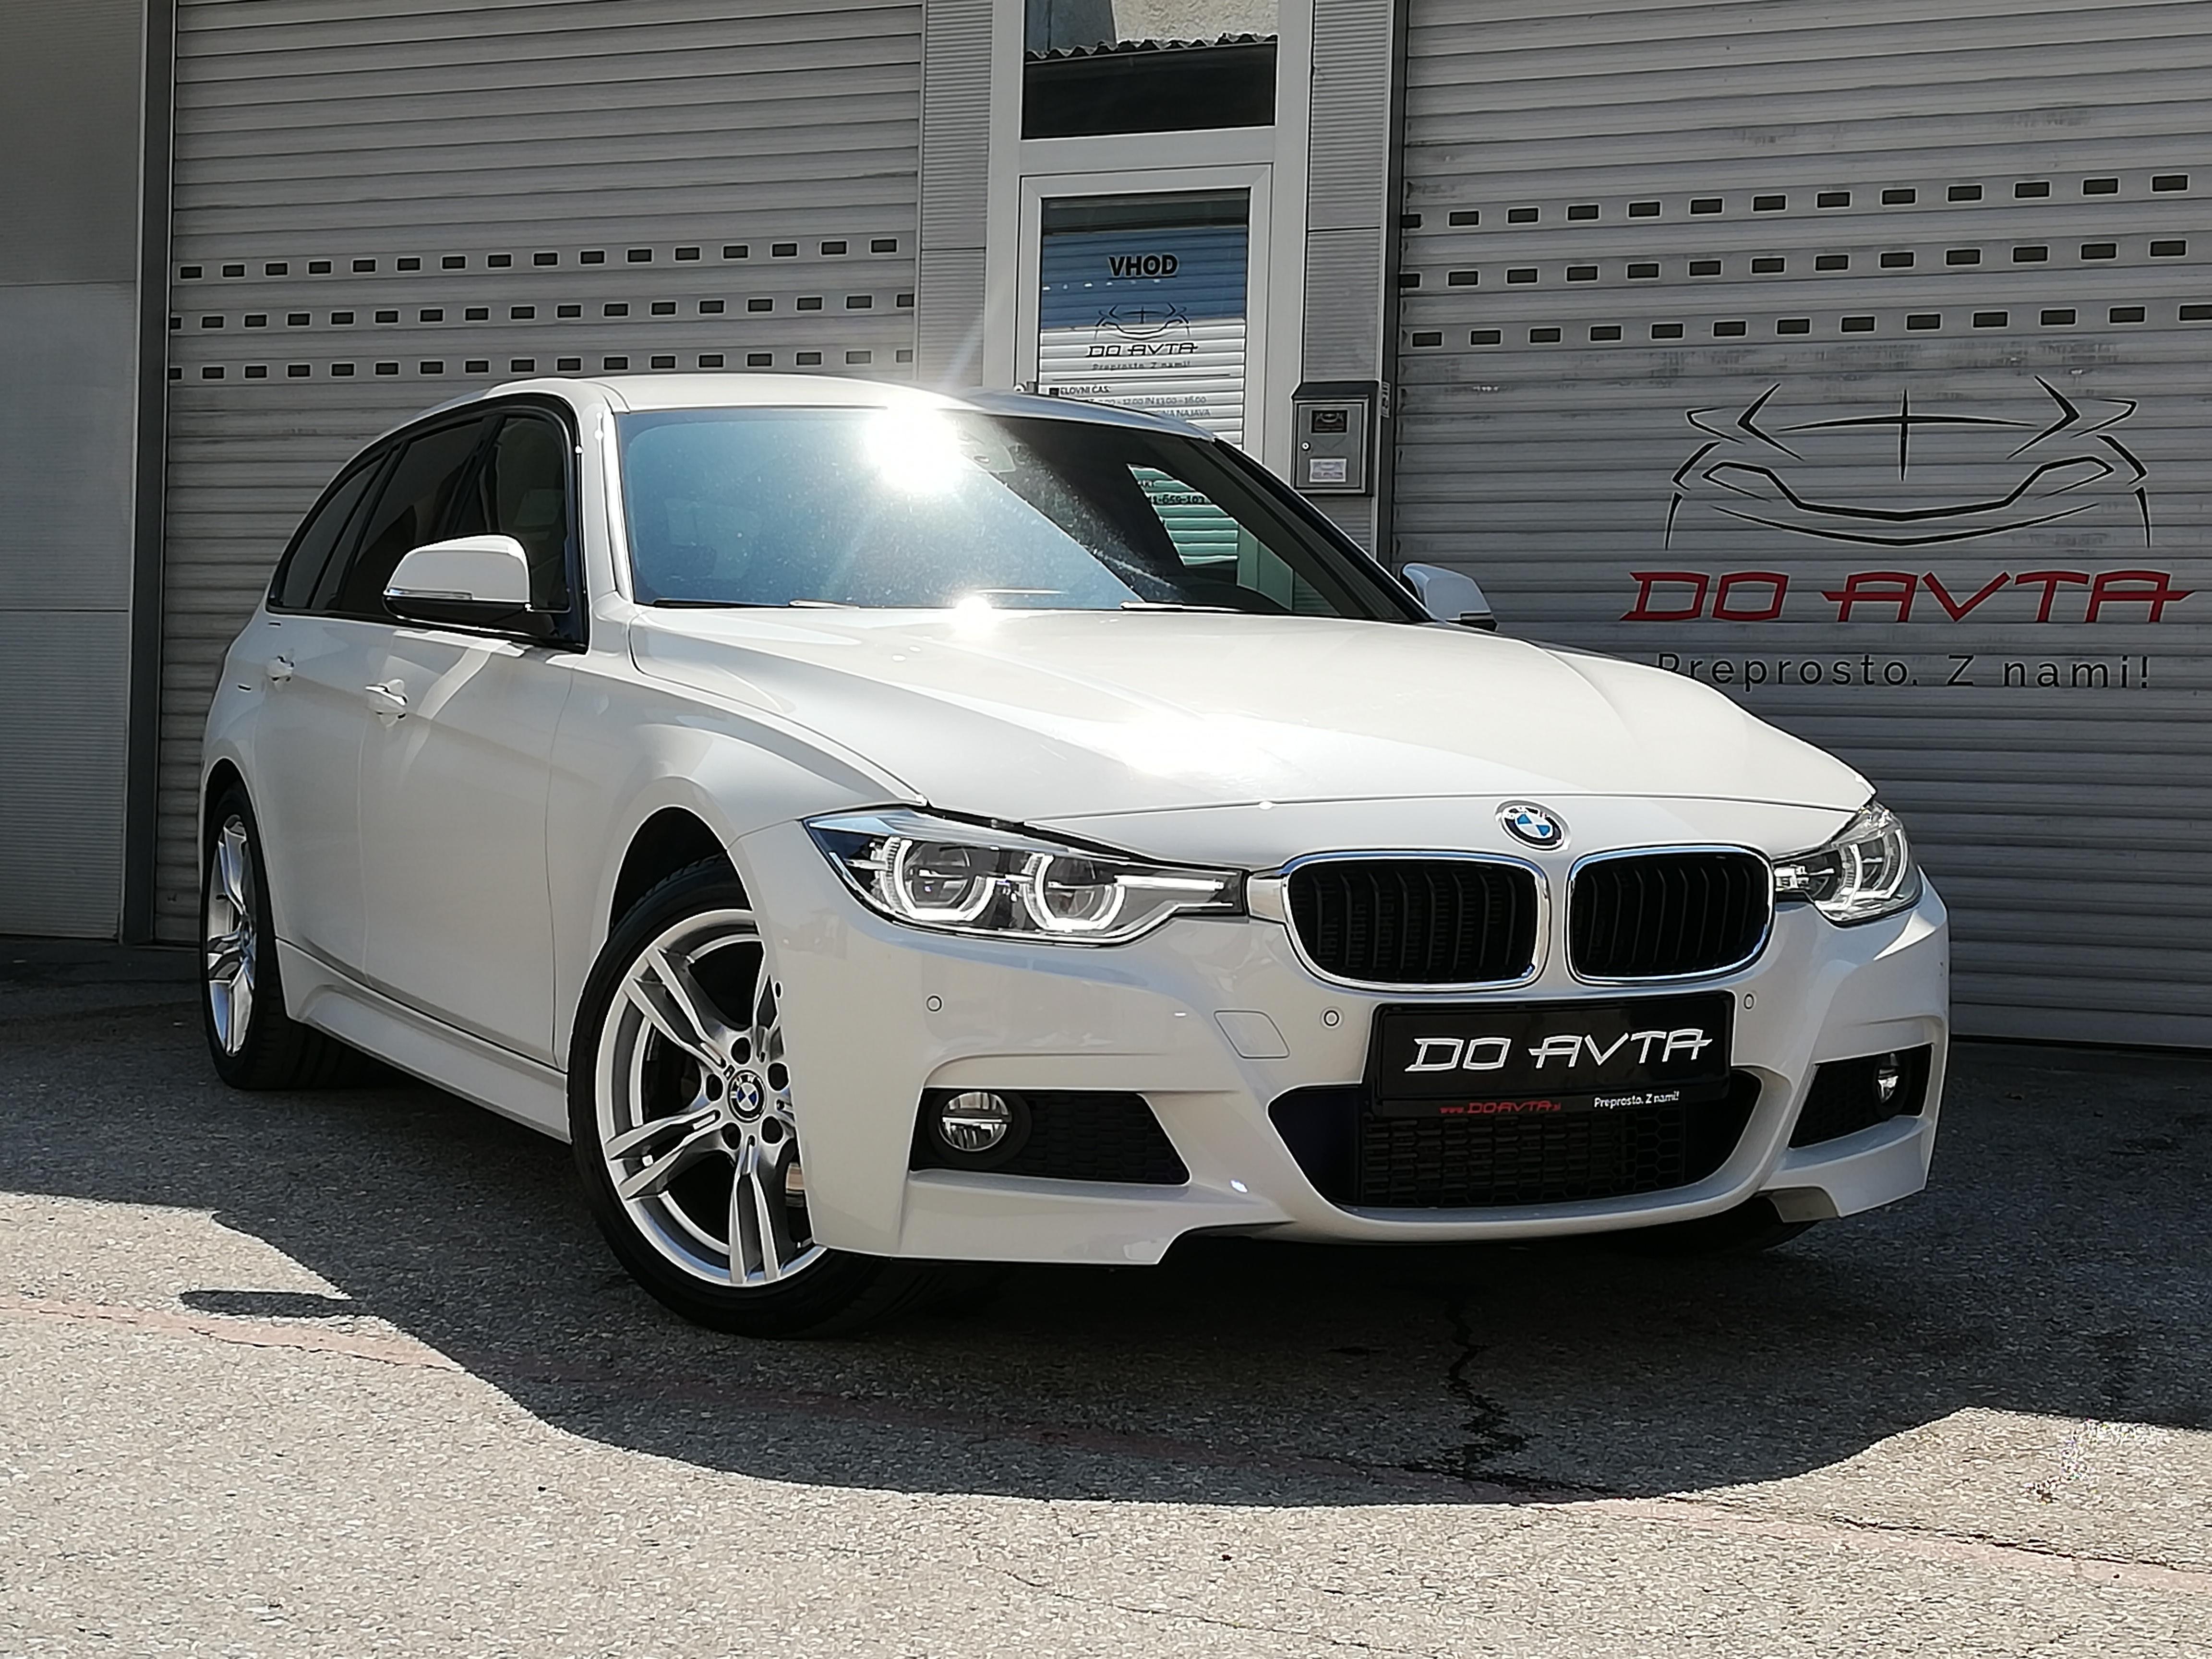 NAJPOPULARNEJŠI RABLJENI AVTOMOBILI: BMW SERIJE 3